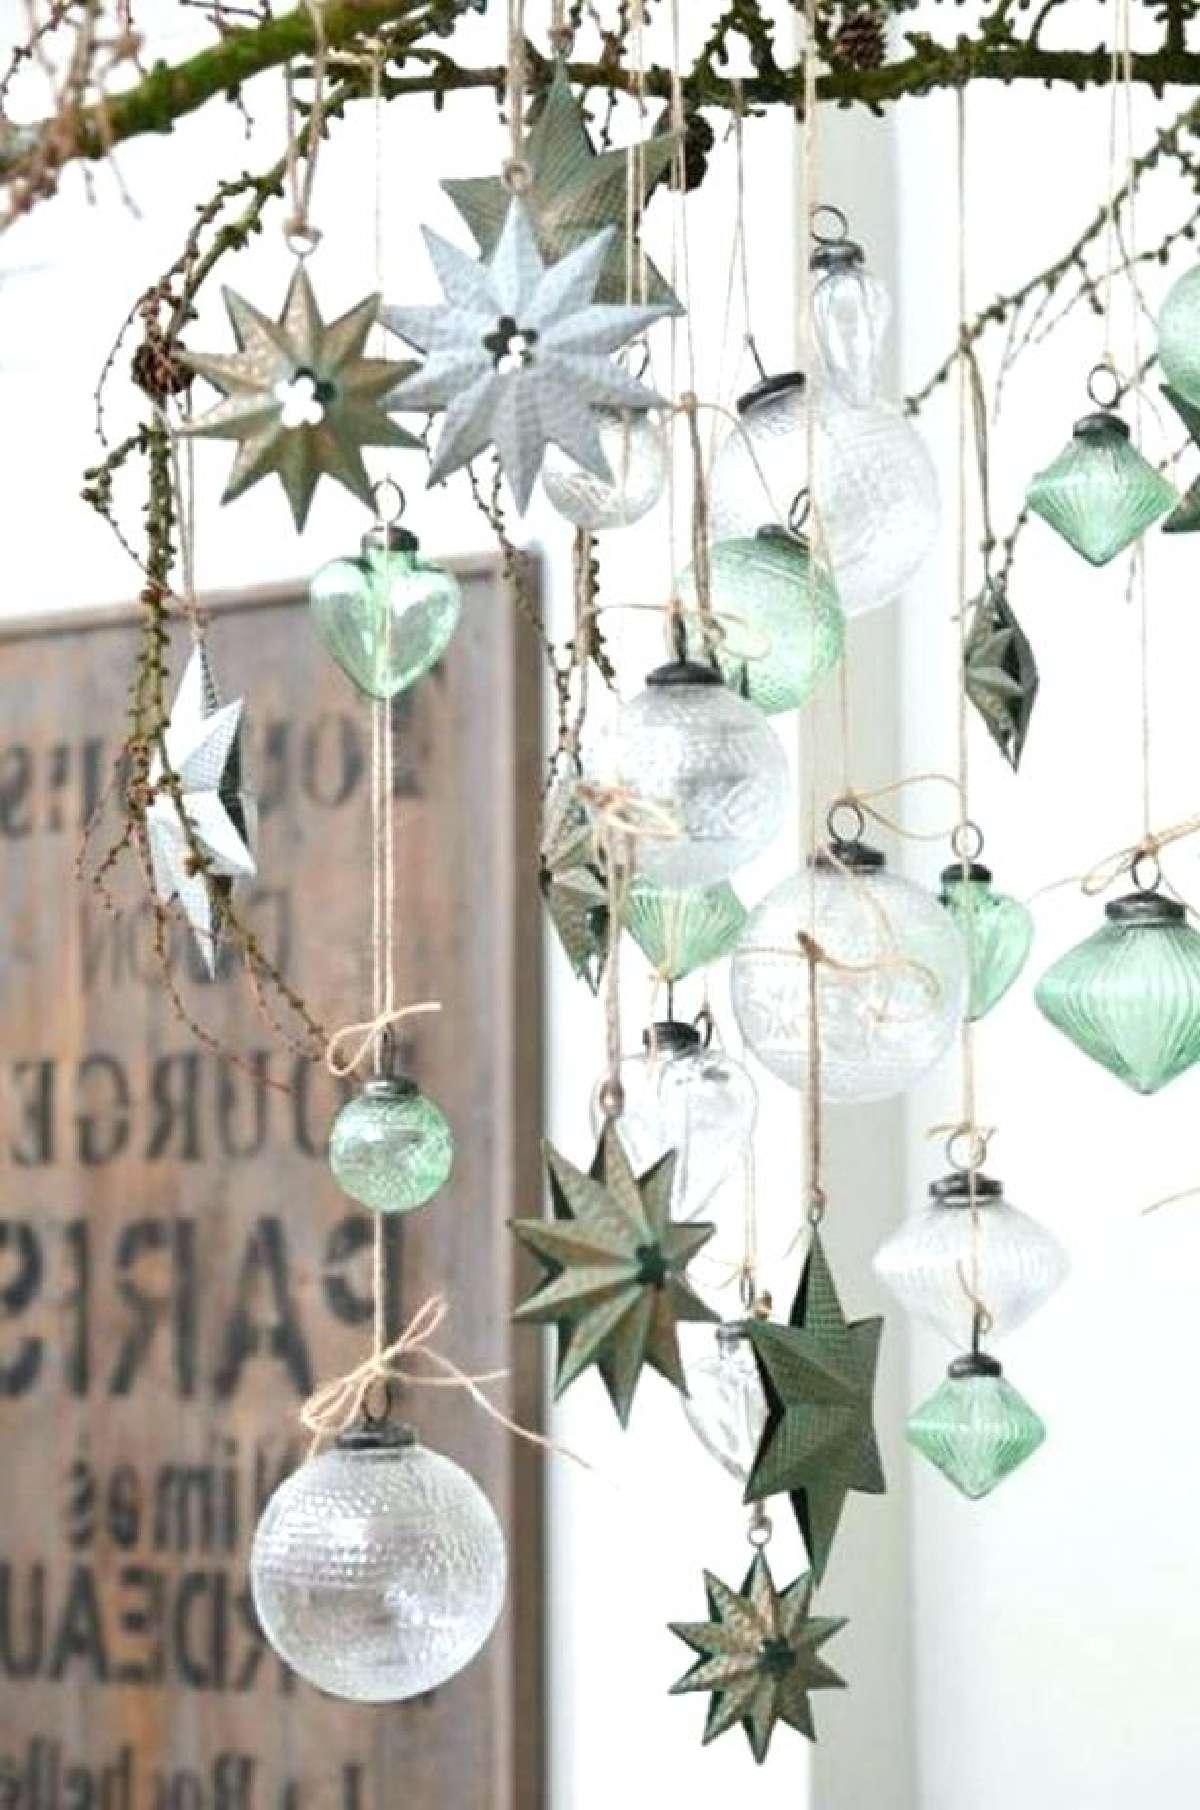 Tendencias en adornos navideños 2019/2020 8